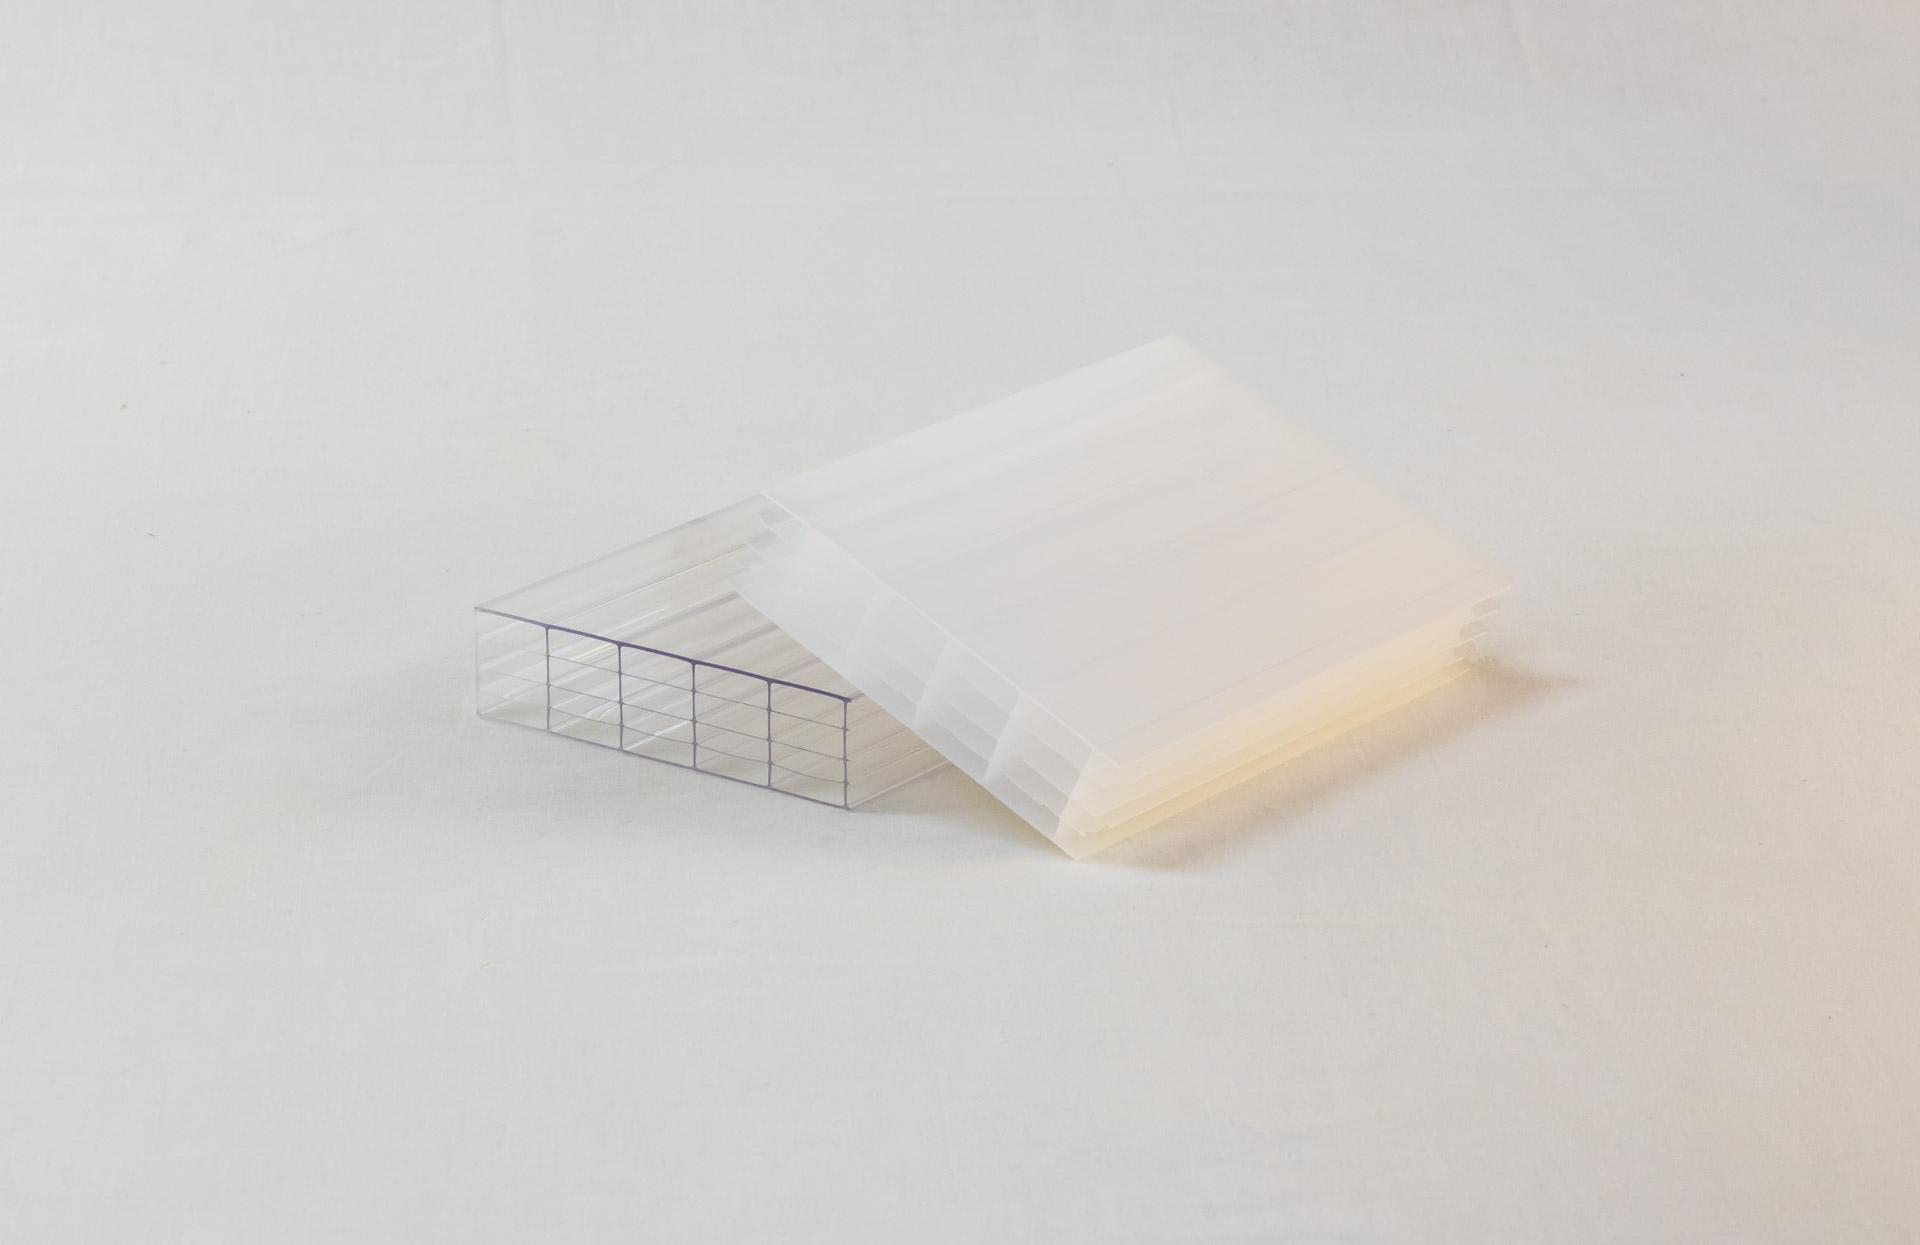 25mm polycarbonaat meerwandig